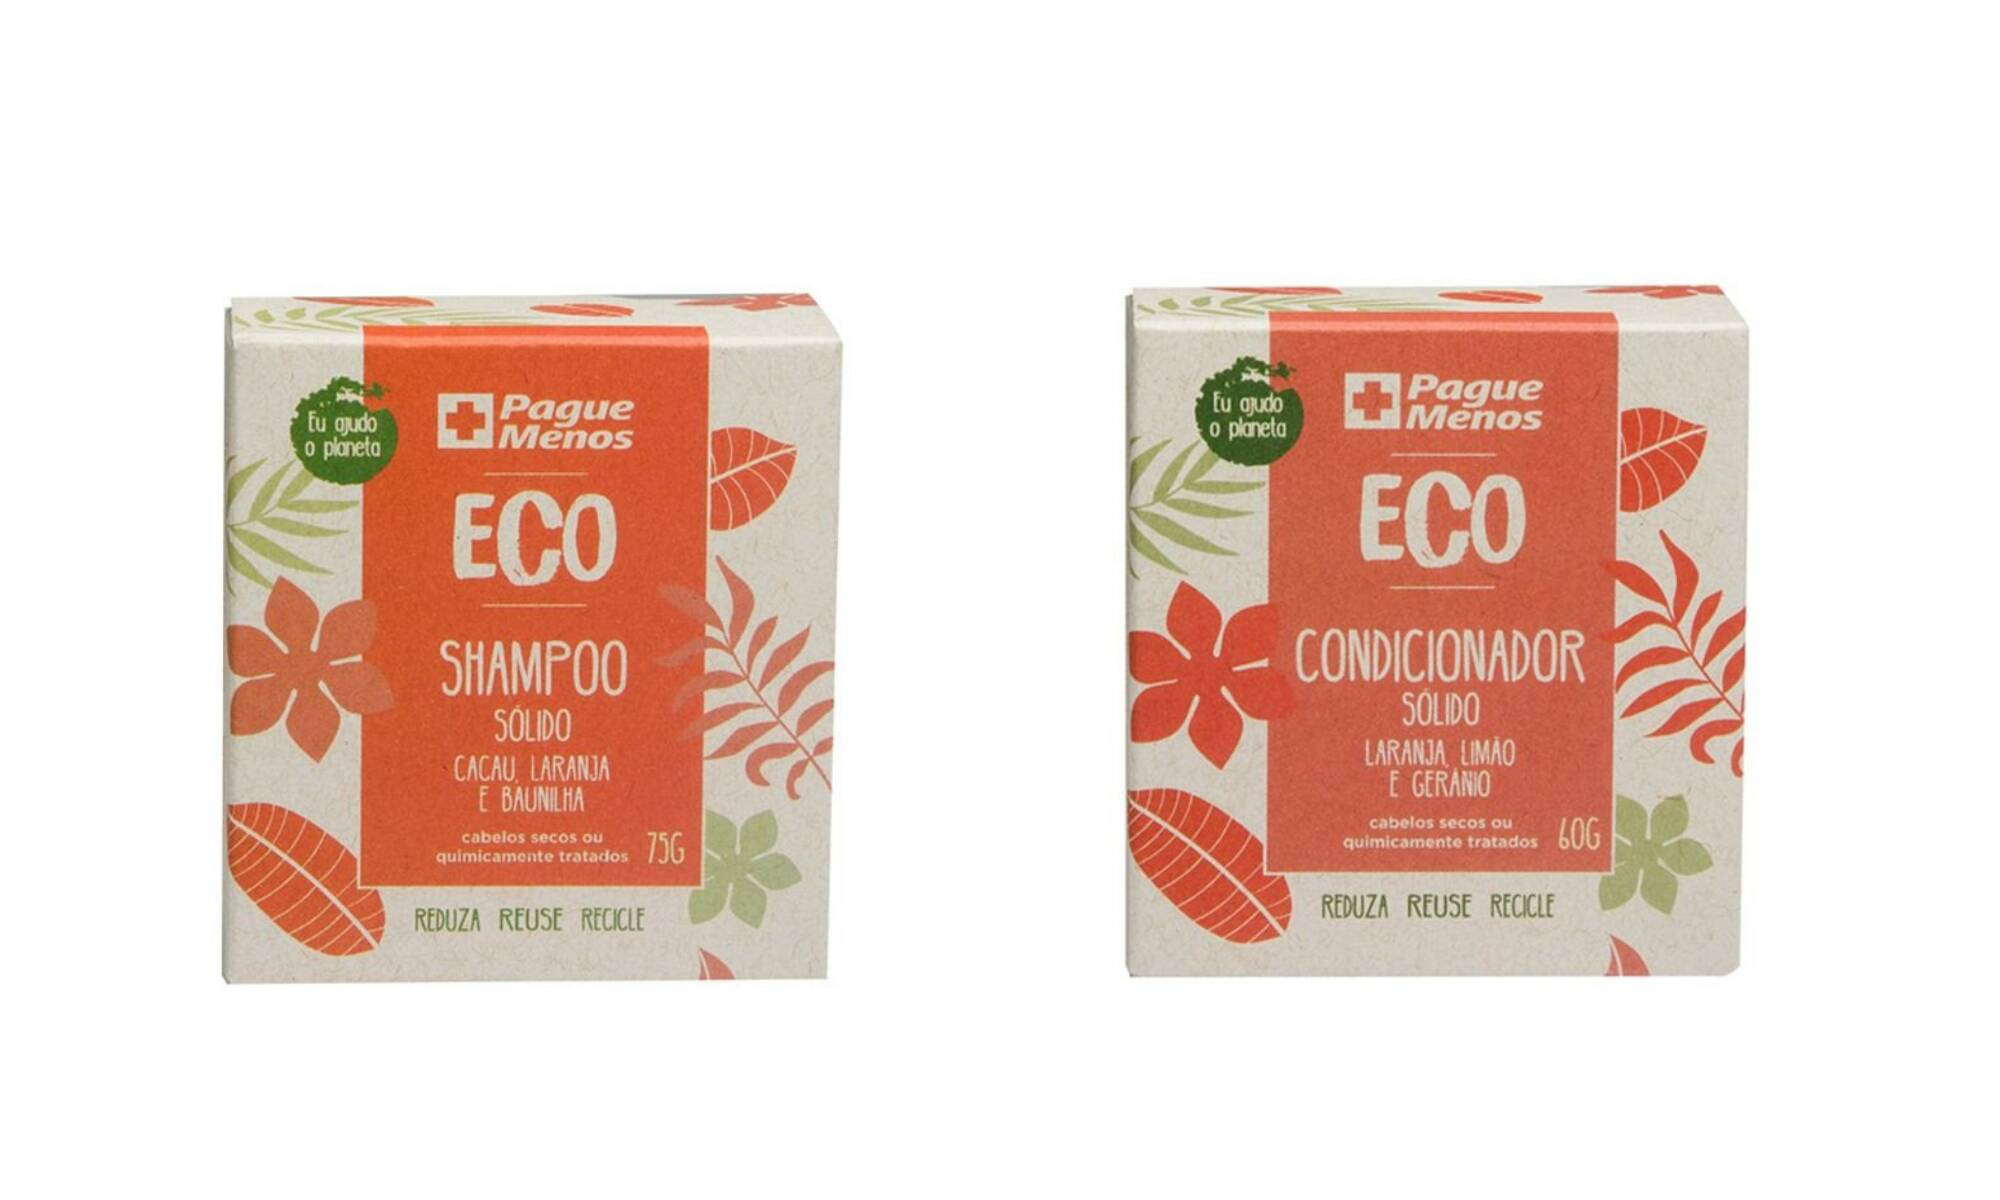 Shampoo e sabonete em barra ECO - R$ 34,99. Foto: Divulgação